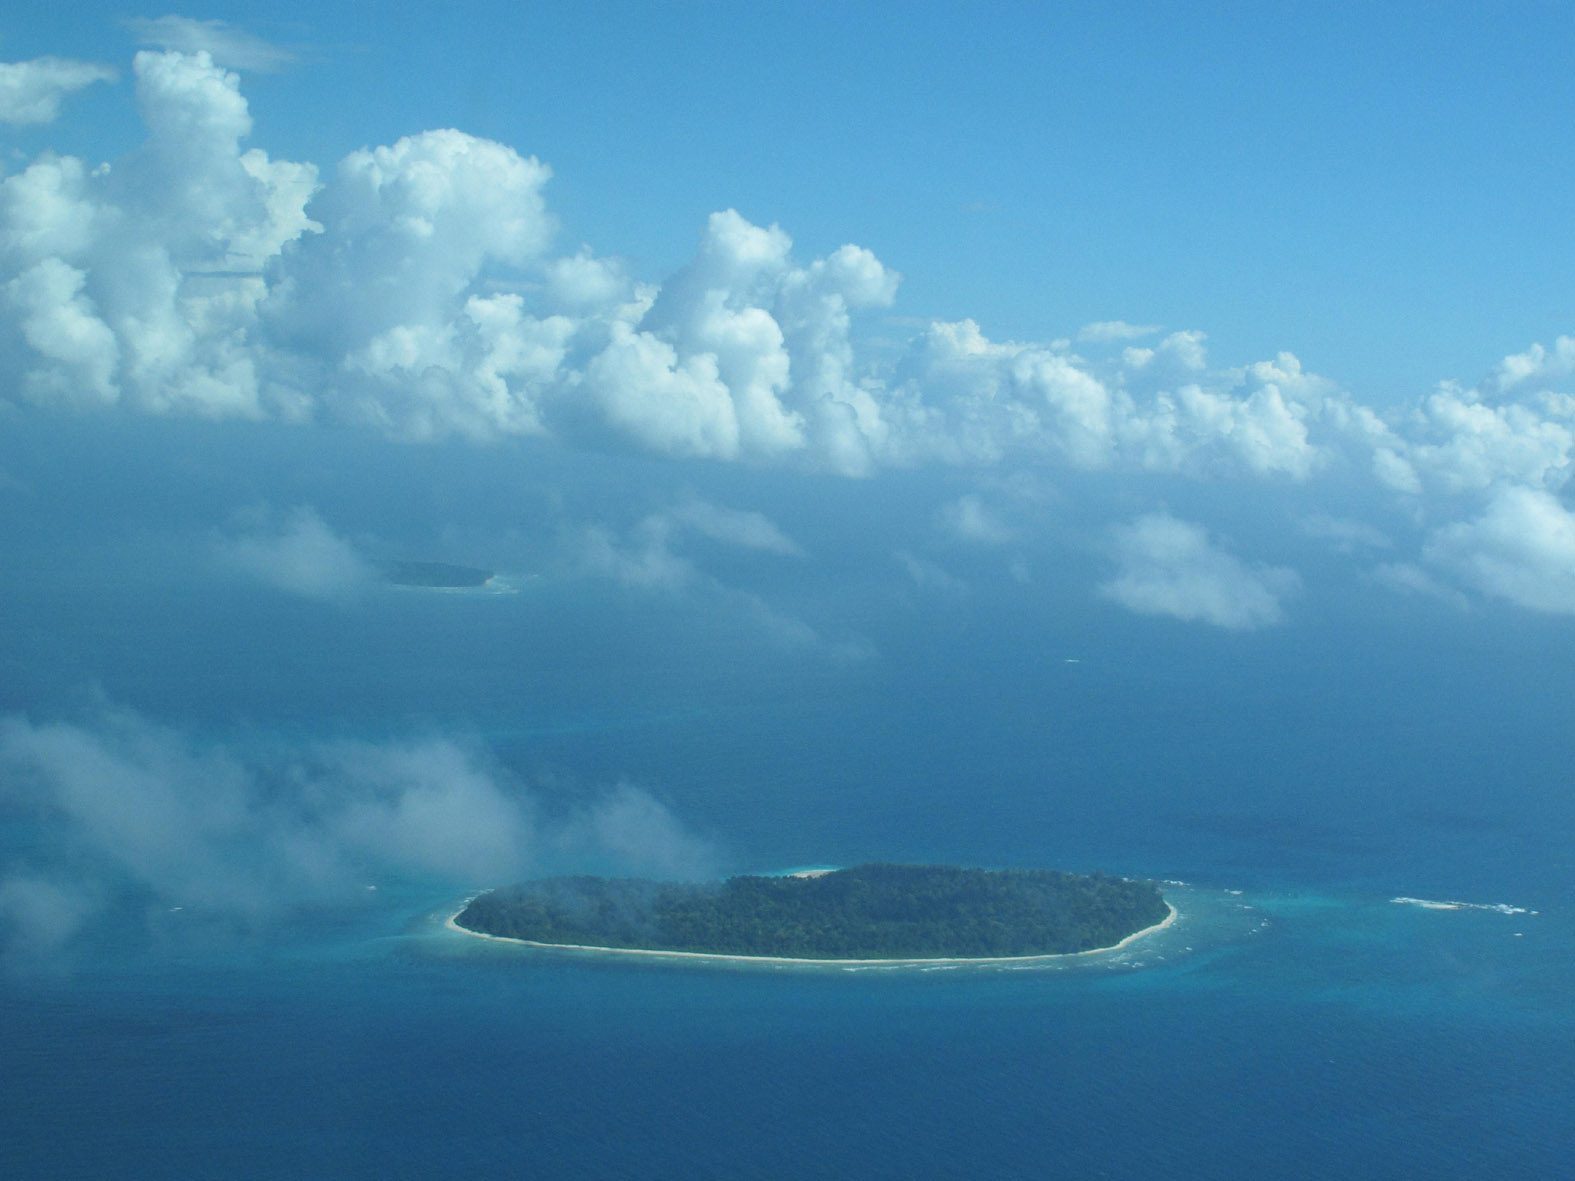 foto van een eiland in de zee van bovenaf met wolkenluchten